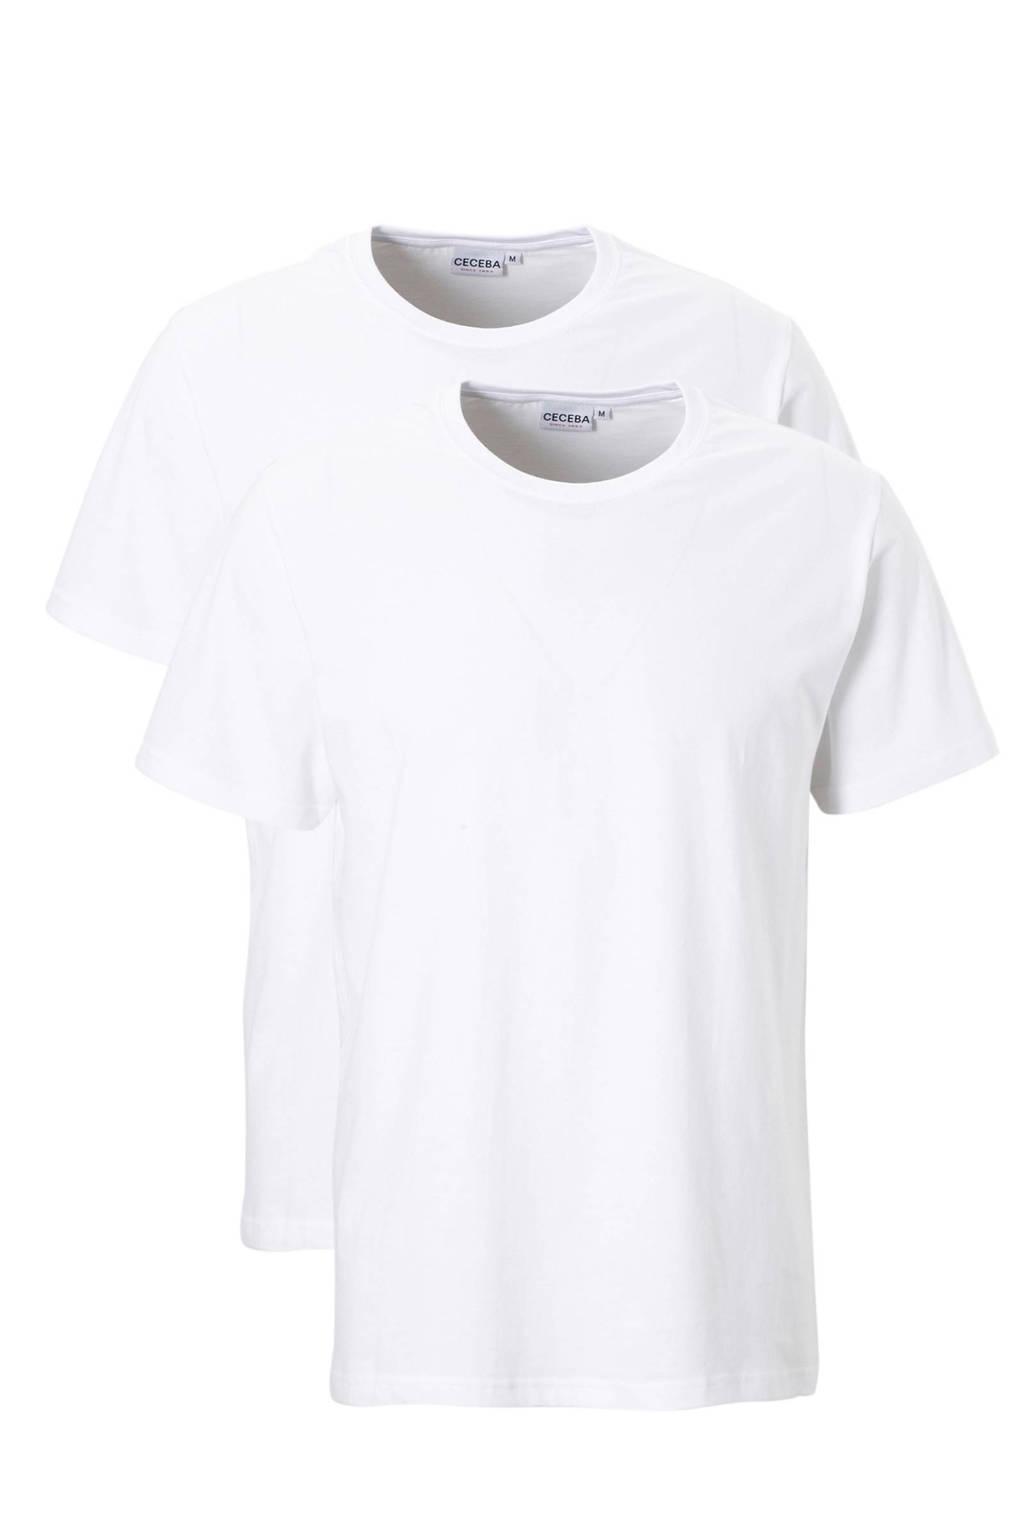 Ceceba basic t-shirt  +size (set van 2), Wit